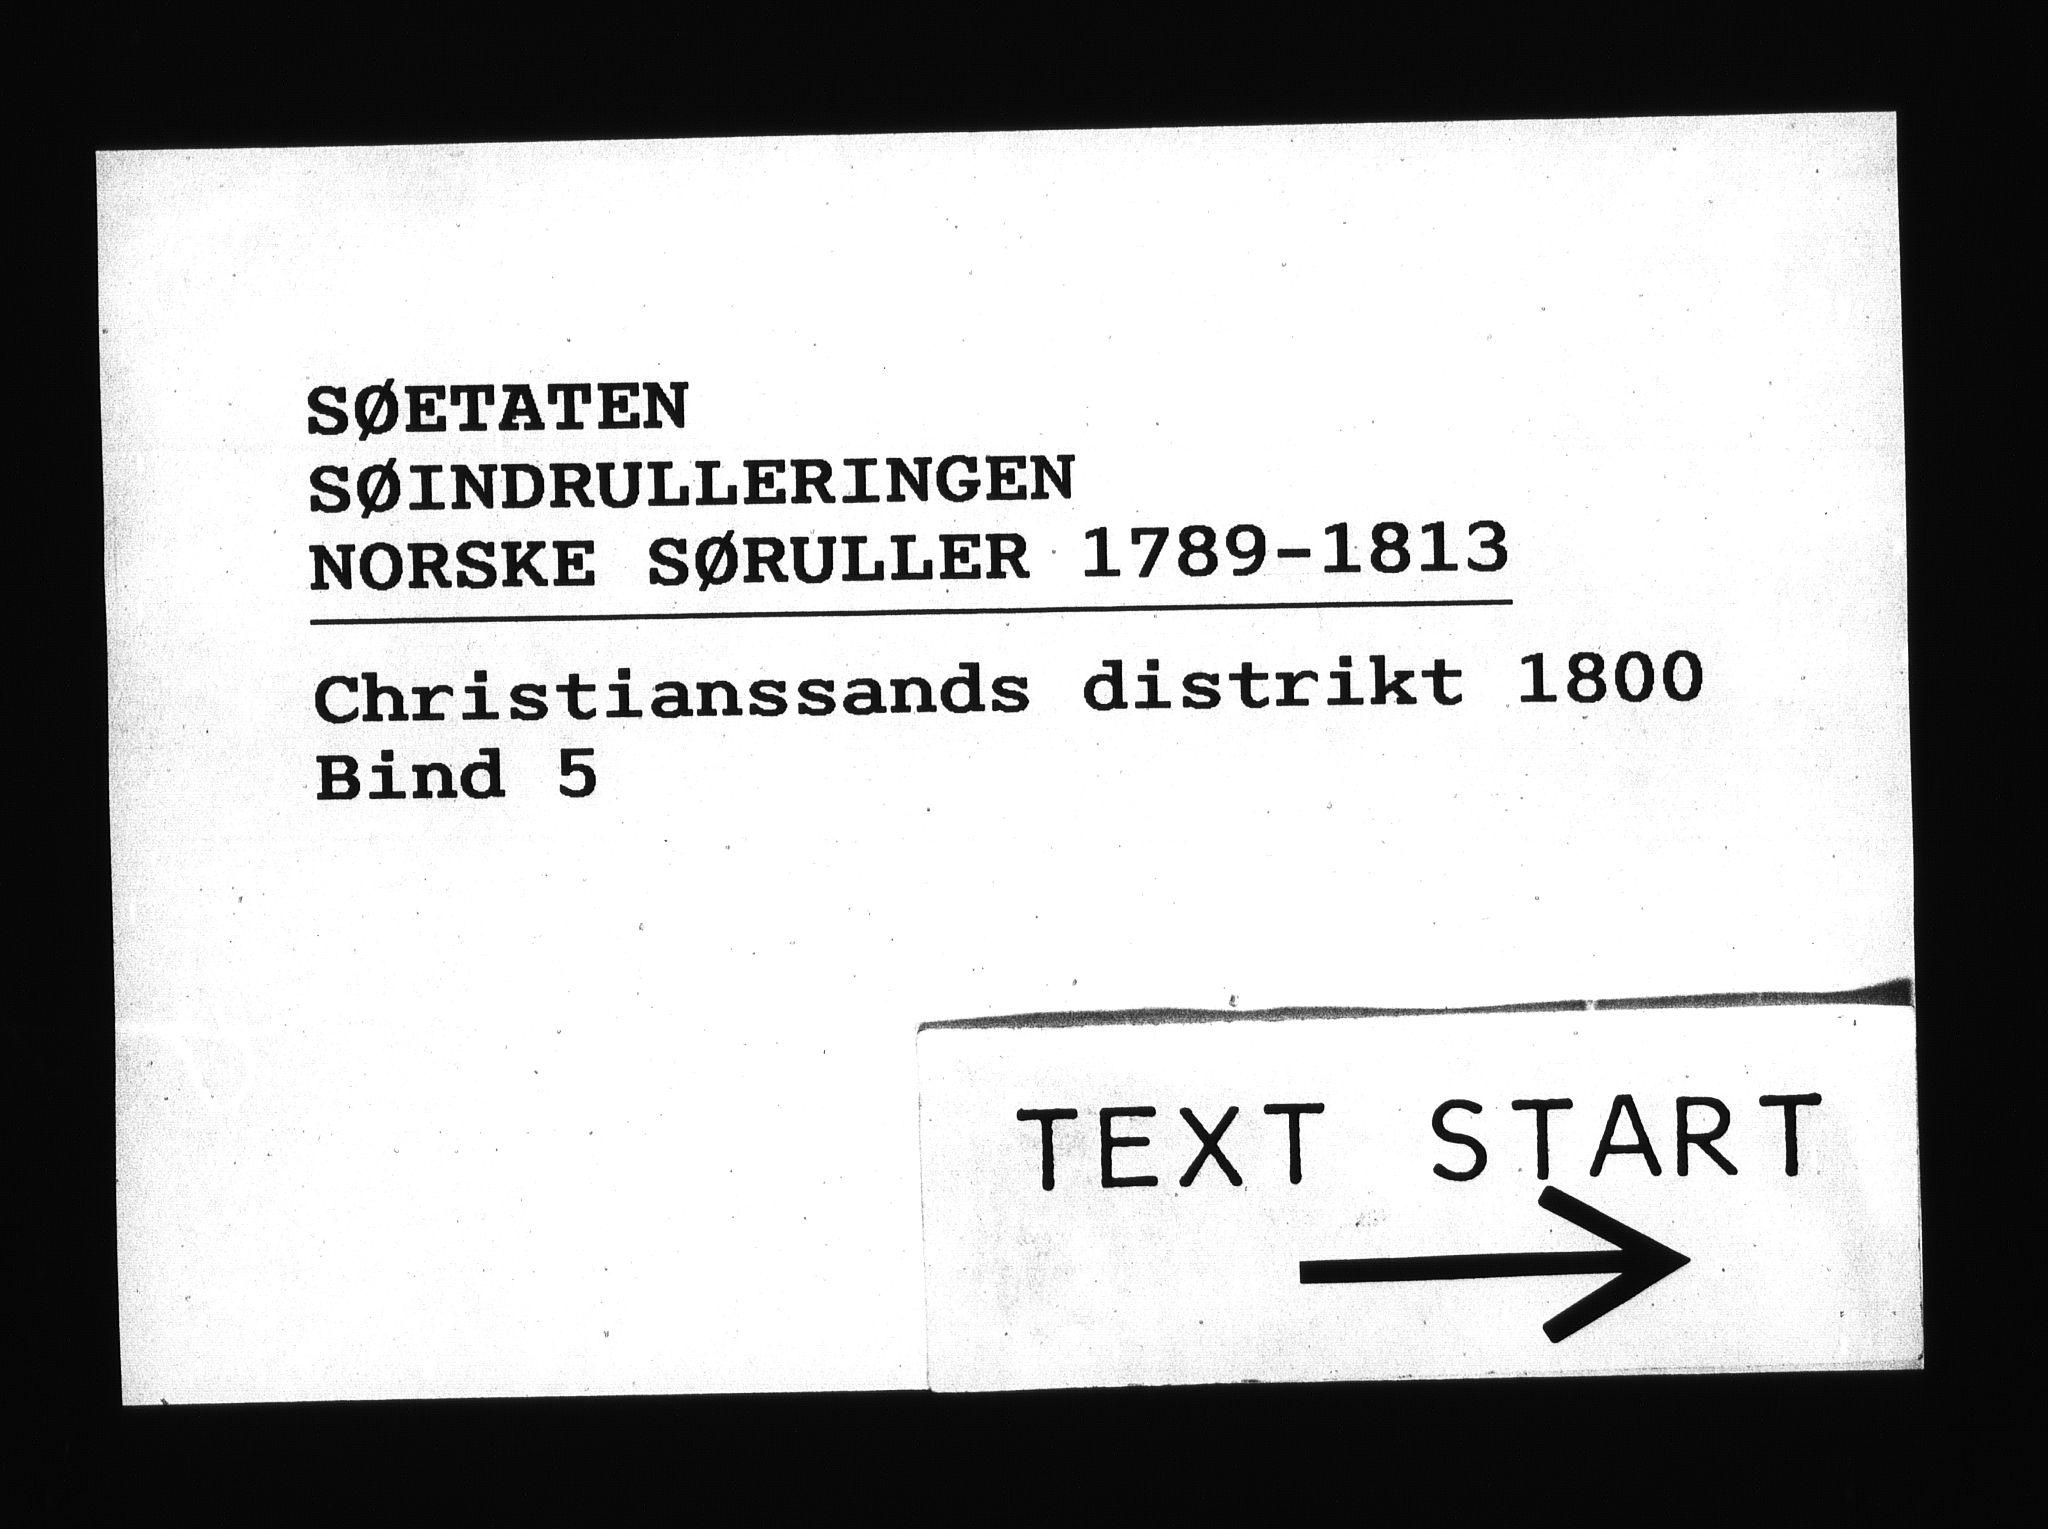 RA, Sjøetaten, F/L0040: Kristiansand distrikt, bind 5, 1800